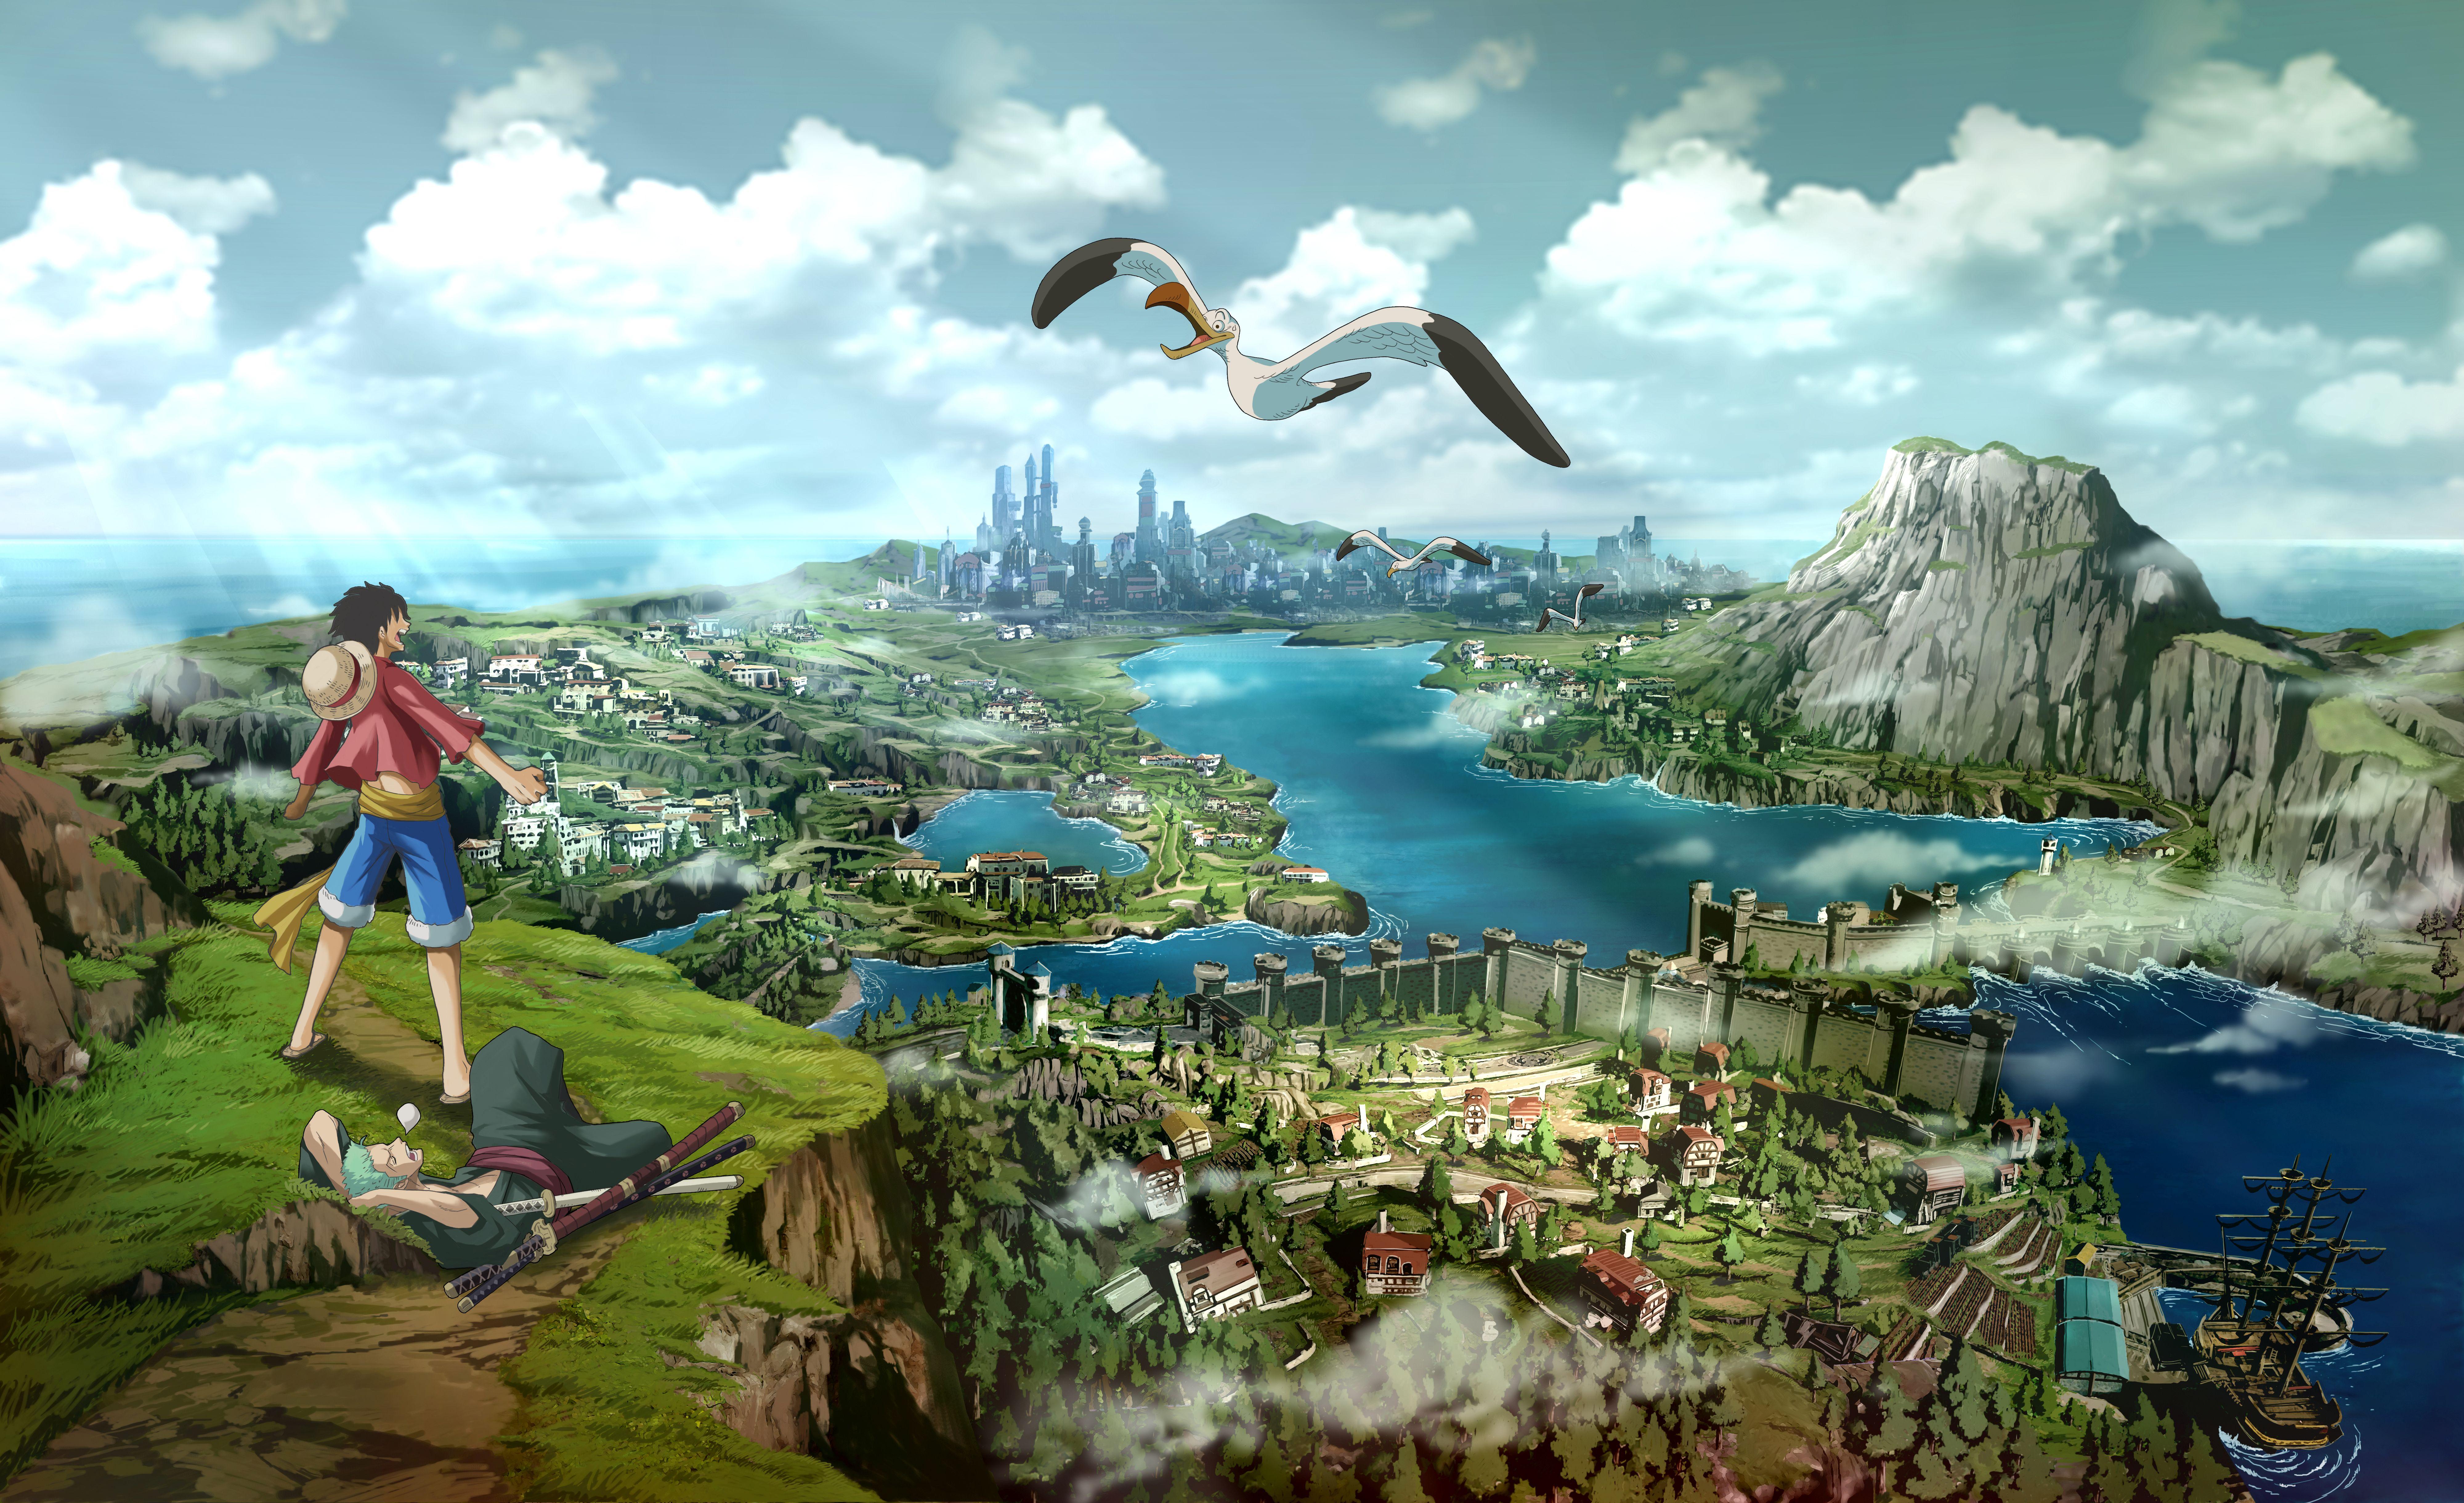 新作《海贼王:世界探索者》视频 路飞大战海军